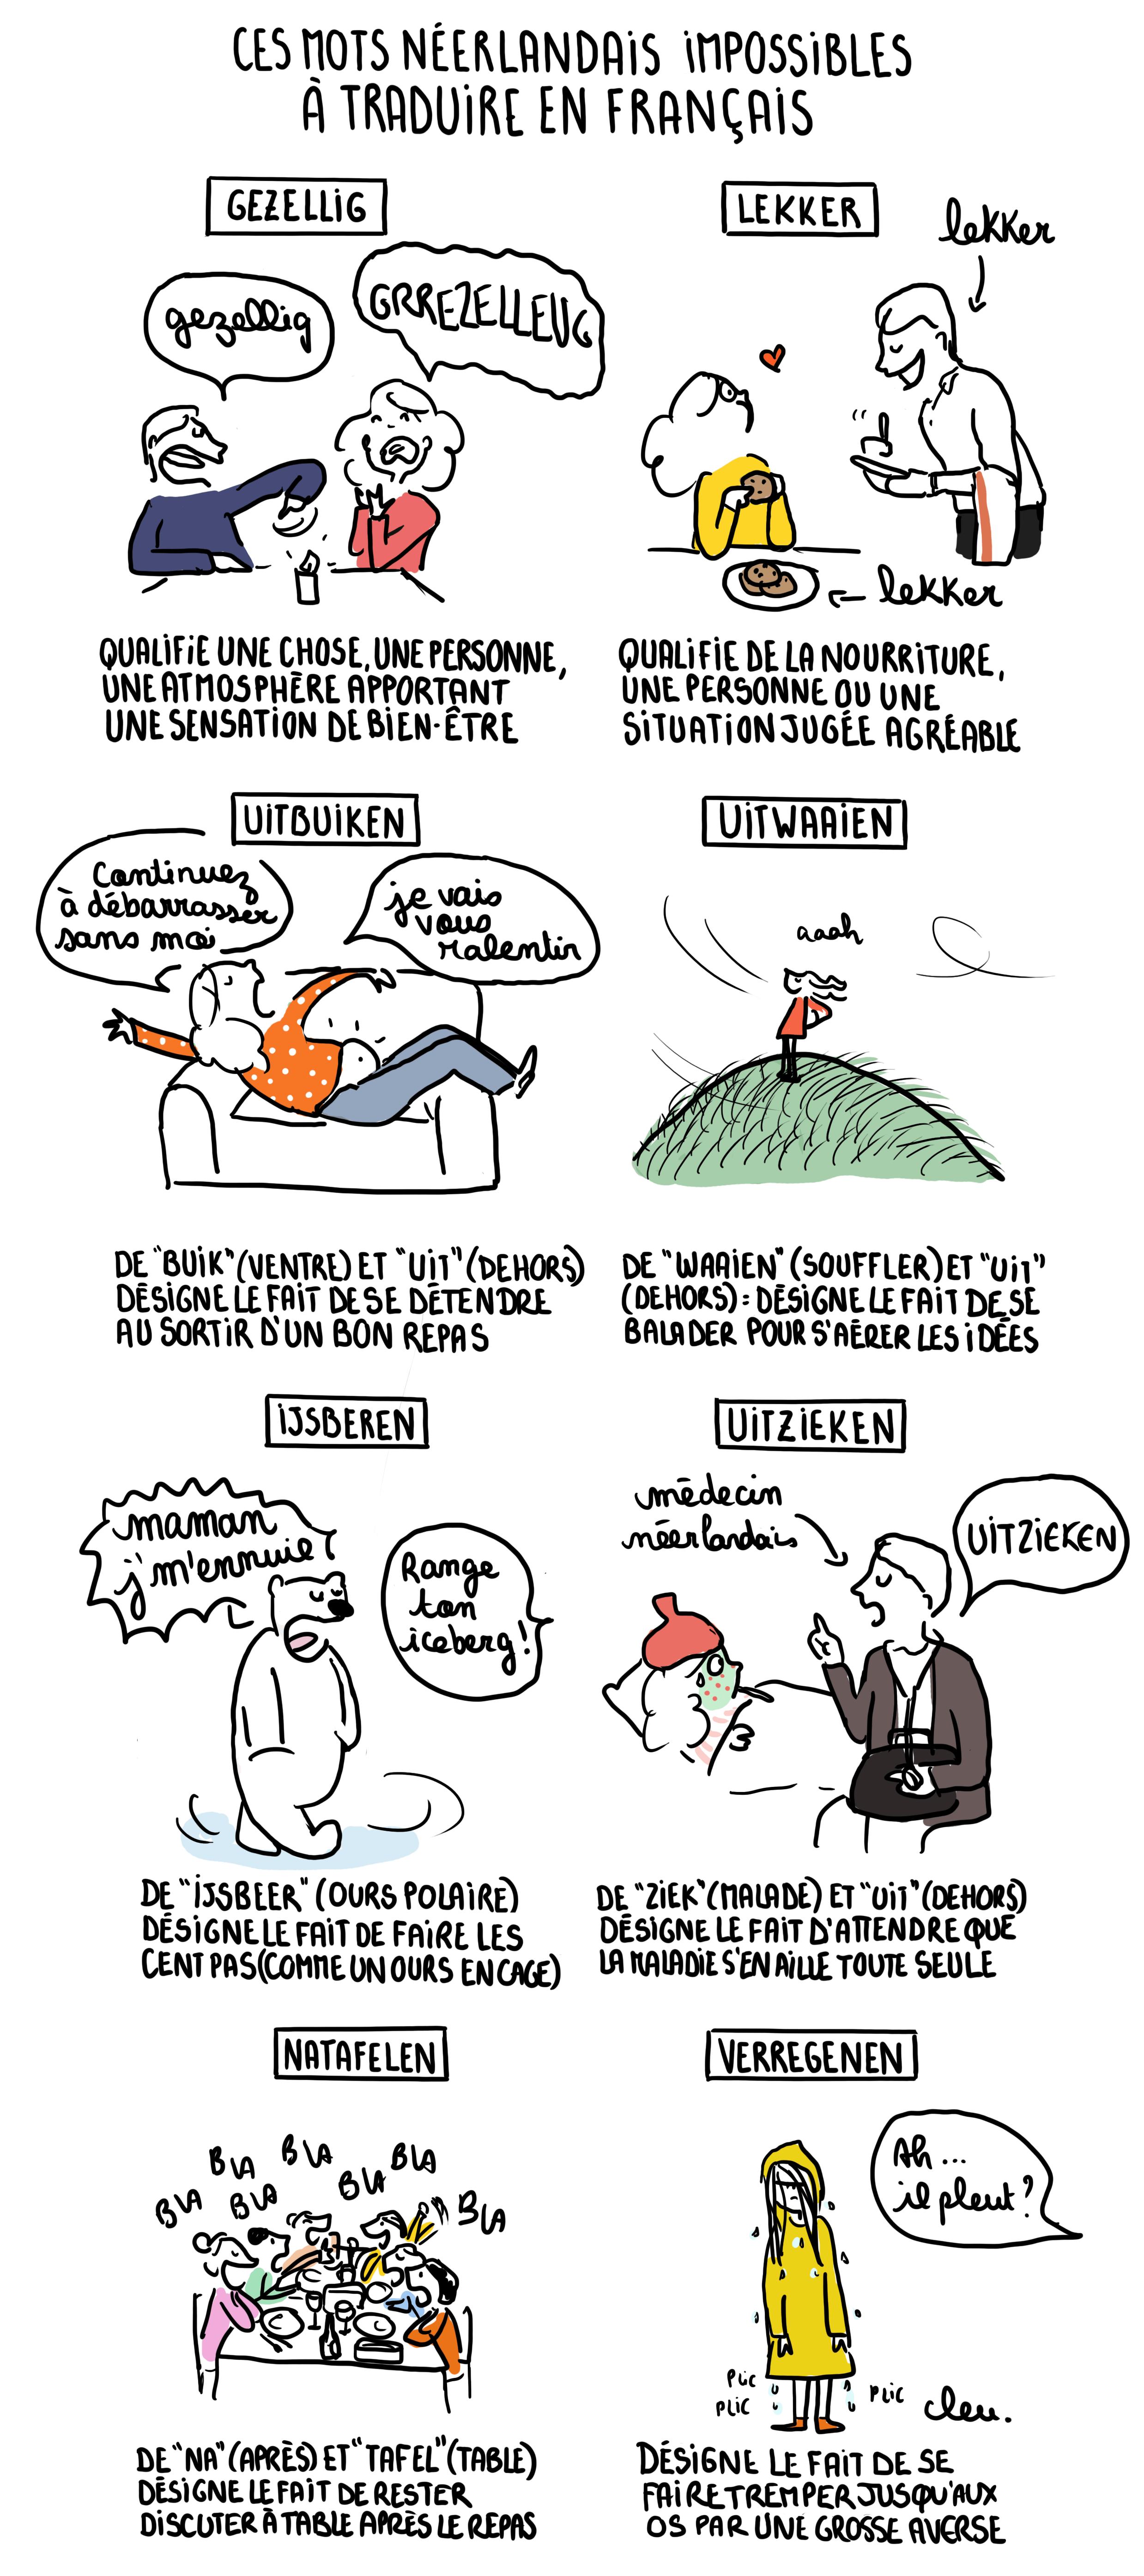 8 mots néerlandais intraduisibles en Français, illustrés par Clémentine Latron